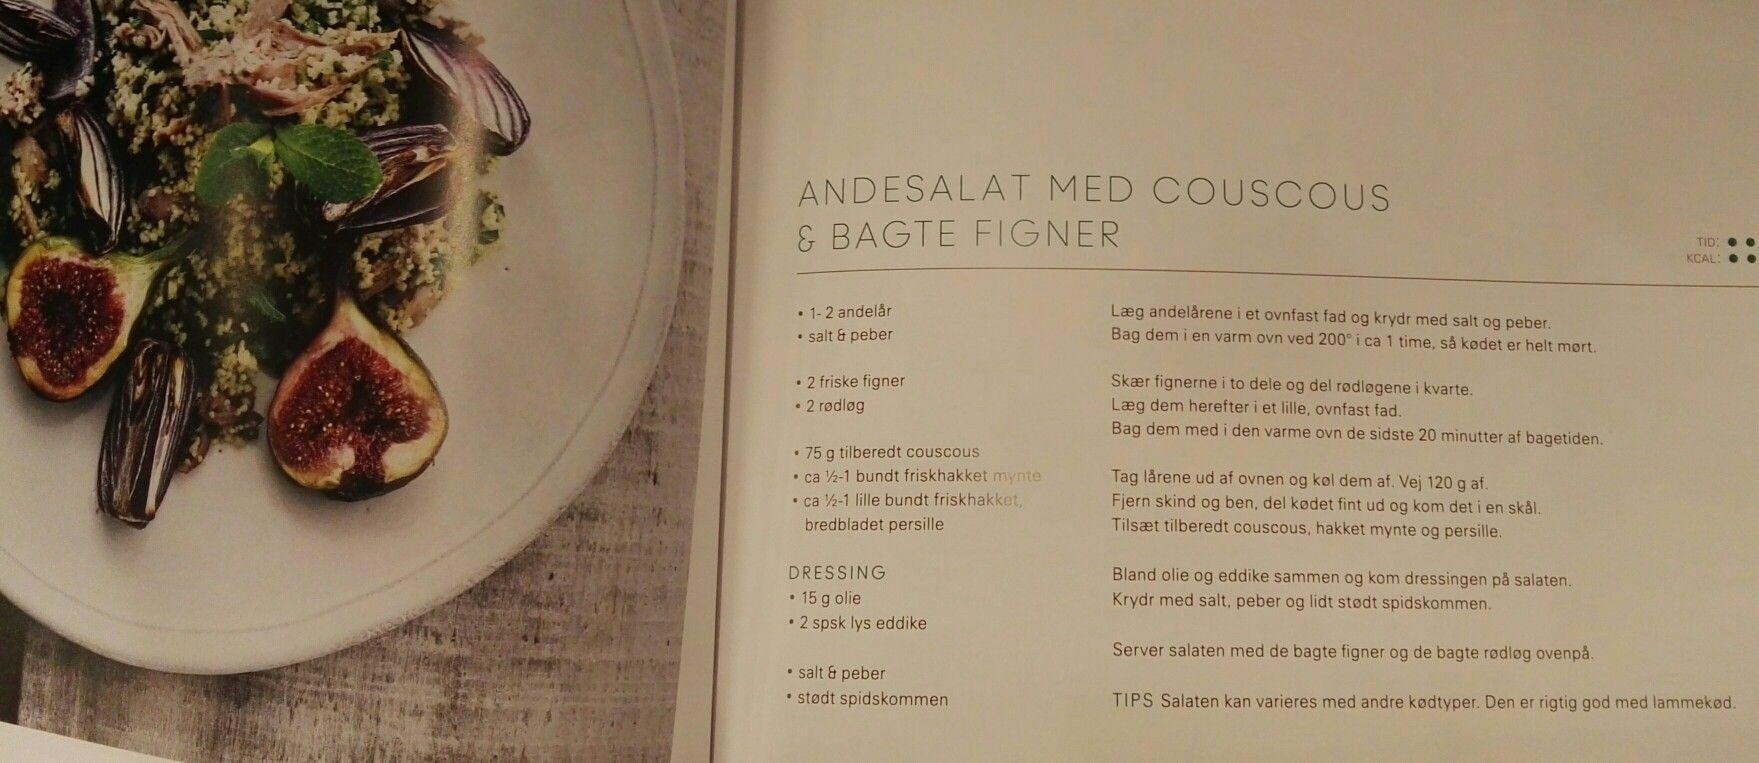 Andesalat Med Cous Cous Og Bagte Figner Salat Med Korn Ol